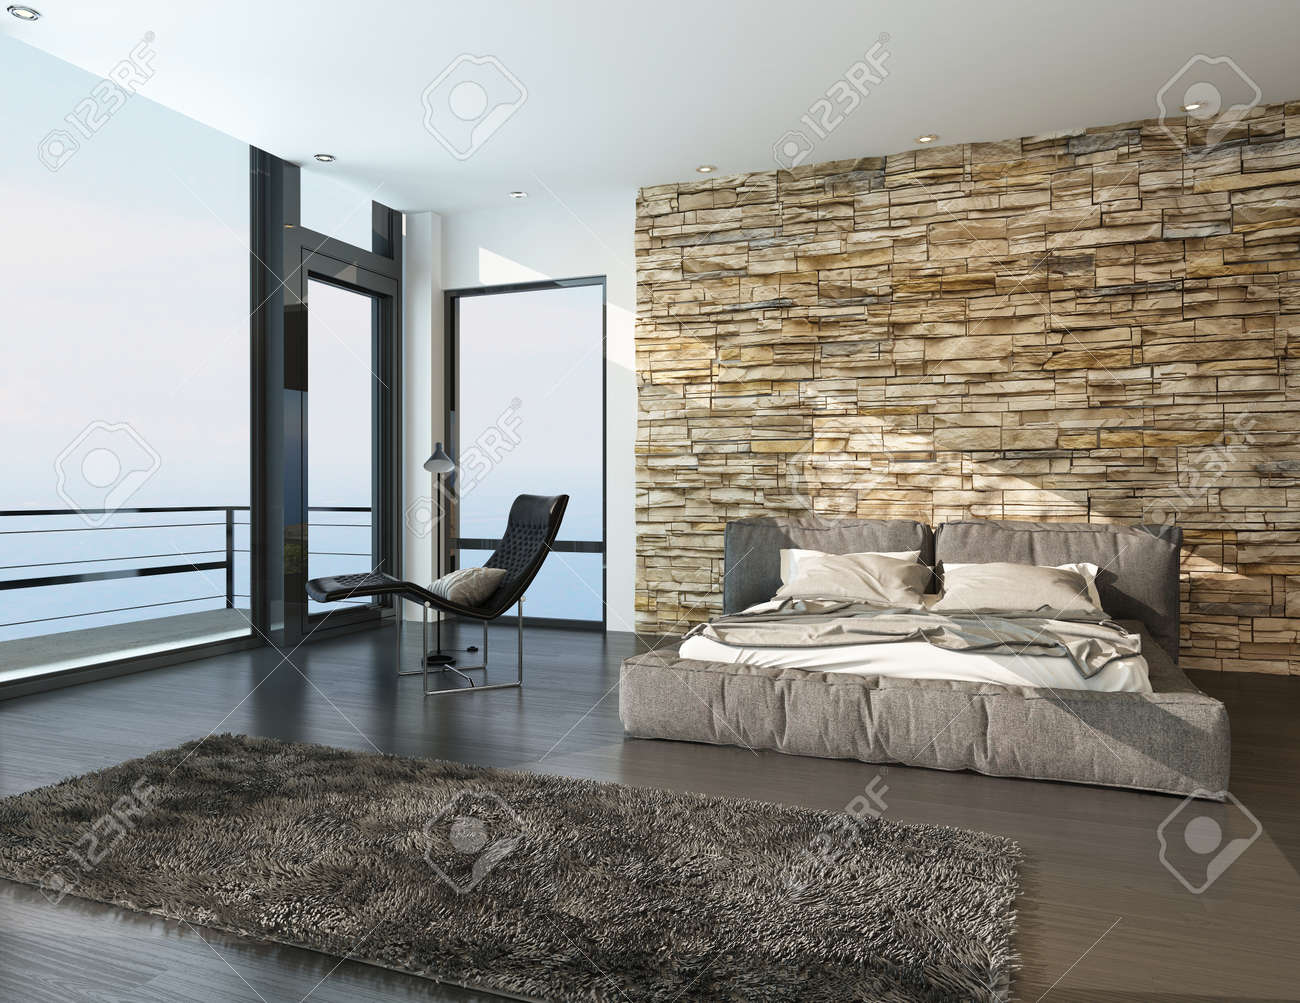 10 camere da letto al mare di cui vi innamorerete. decorare la